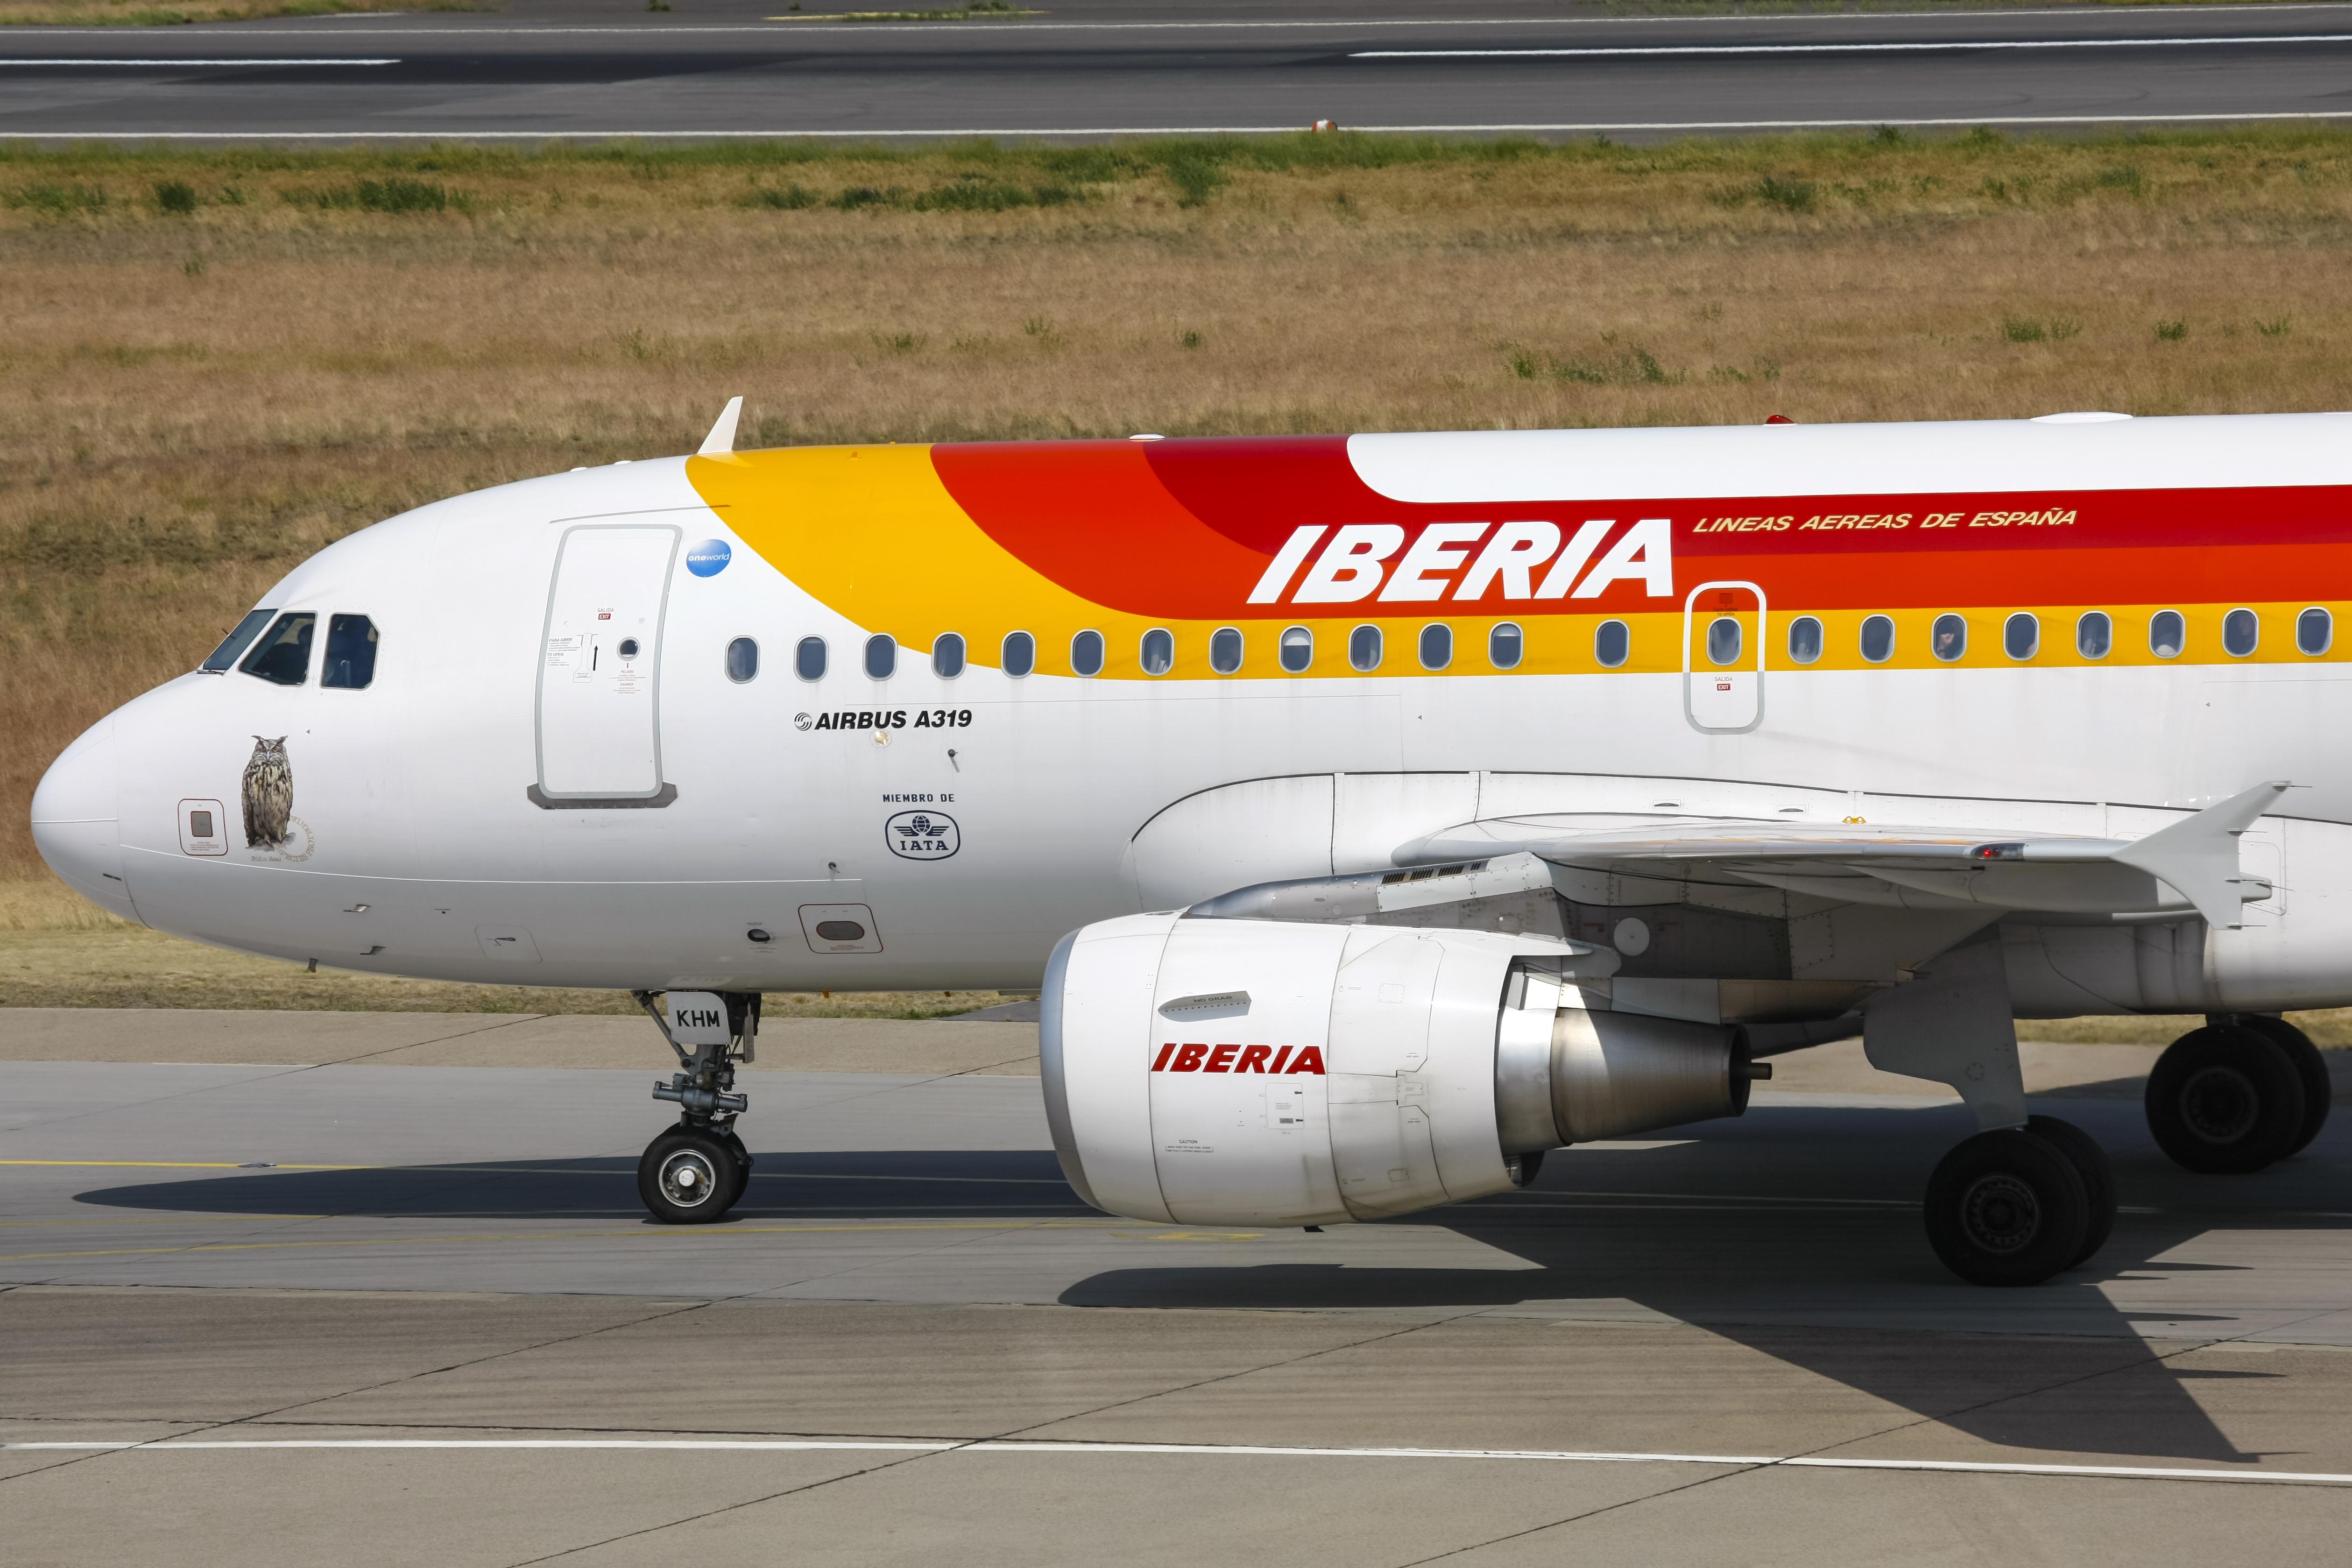 En Airbus A319 fra det spanske flyselskab Iberia. Foto: © Thorbjørn Brunander Sund, Danish Aviation Photo